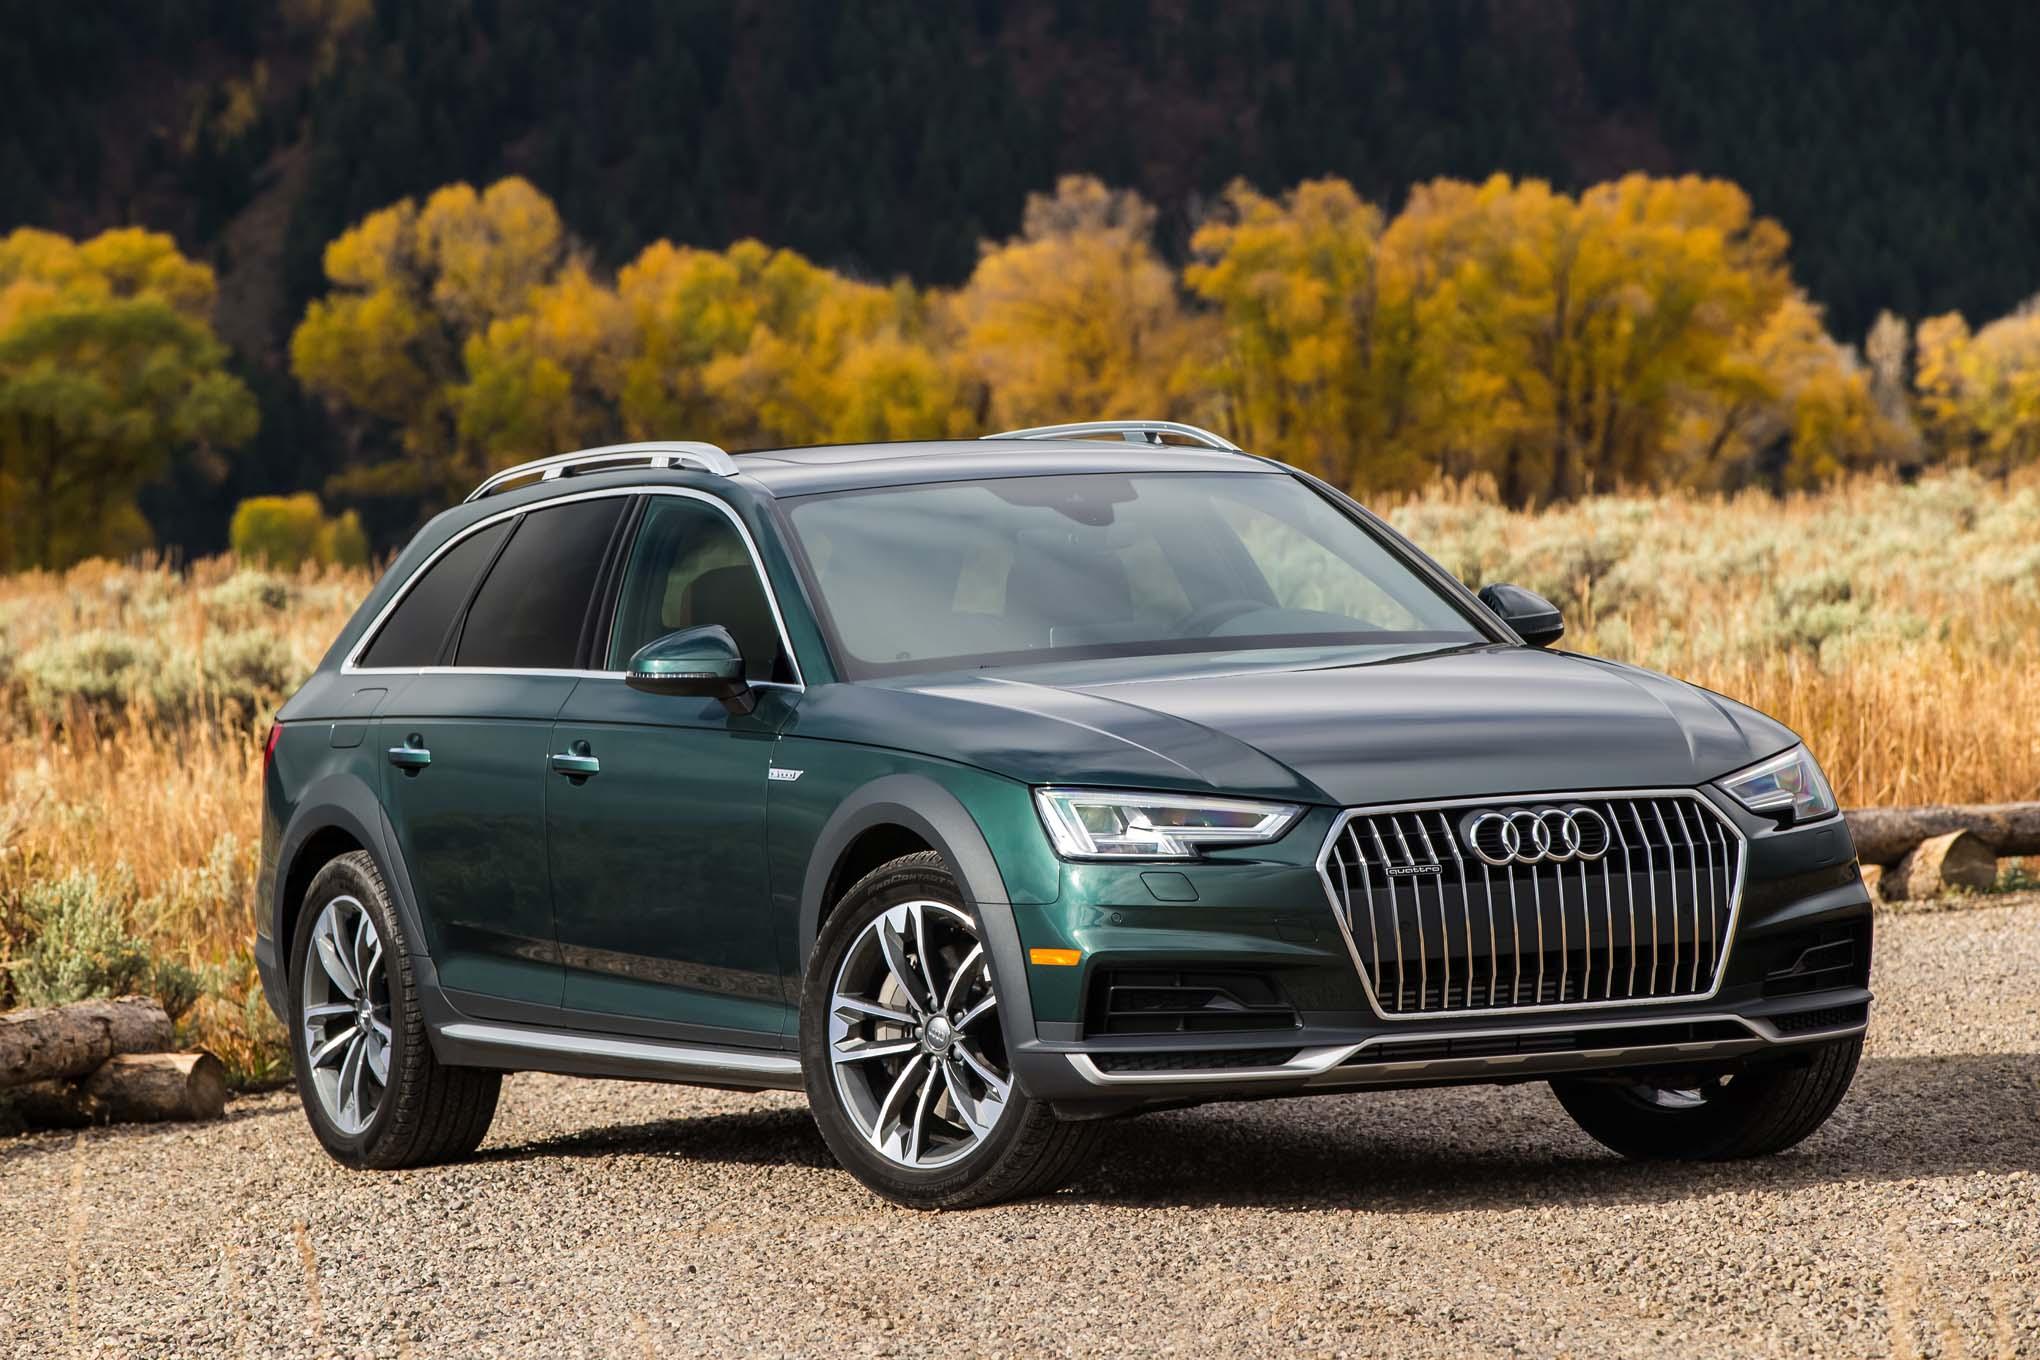 Audi A4 Allroad Sales Reports